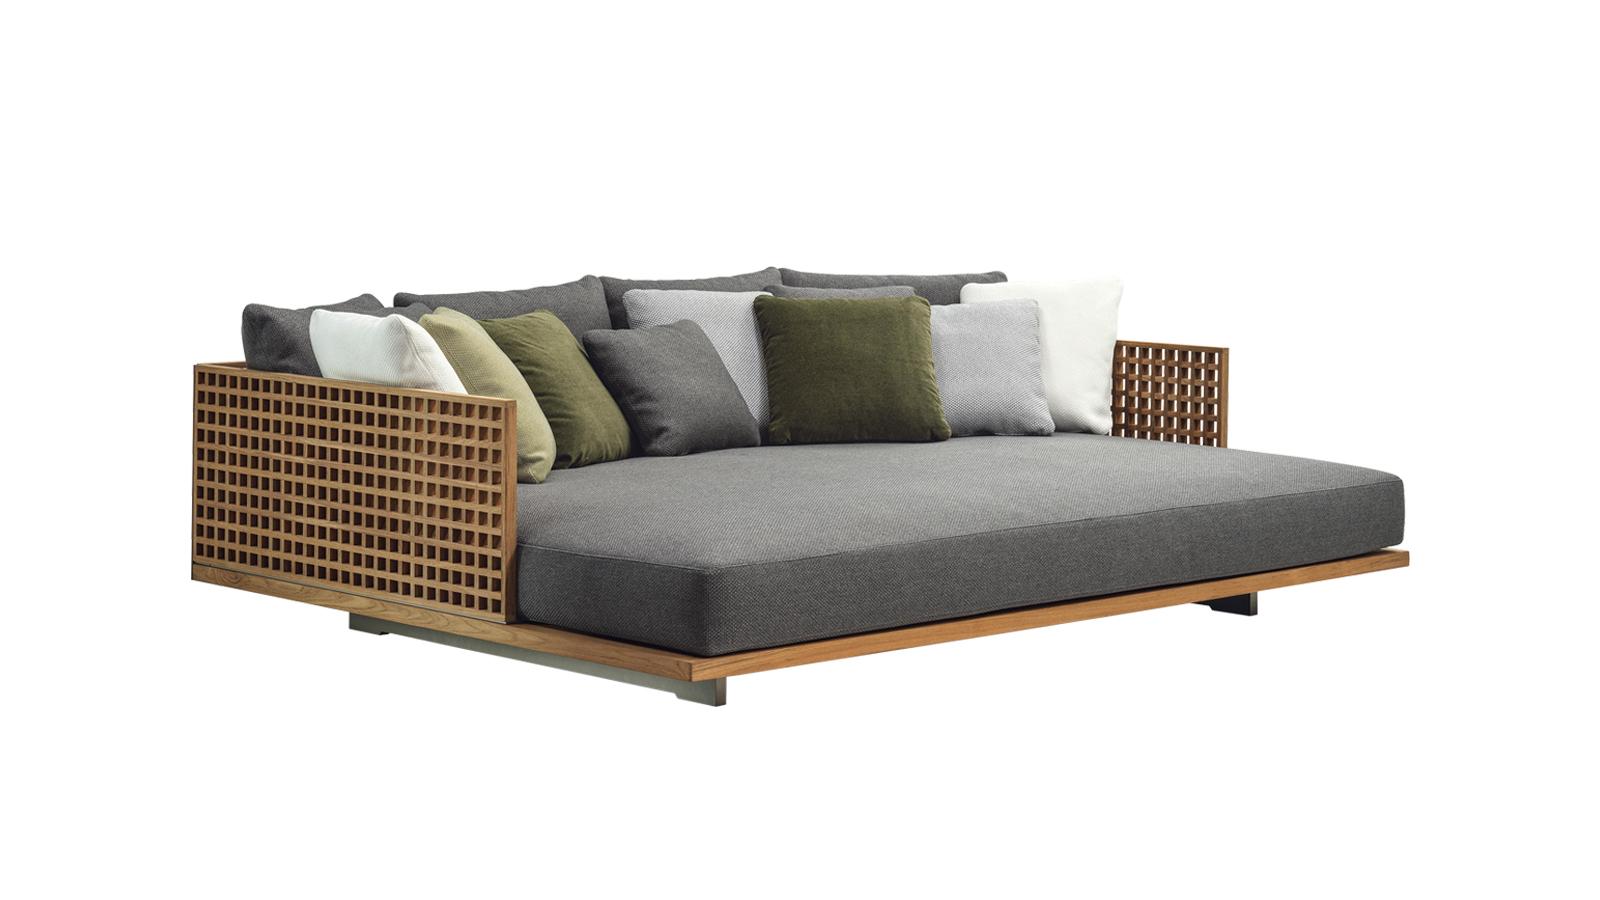 A Minotti kültéri Quadrado bútorkollekciójának eleganciáját a yachtok faburkolata inspirálta. A brazil Marcio Kogan építész által 2019-ben megálmodott sorozat letisztult és könnyed, ráadásul számos elemének köszönhetően nagyon jól alkalmazkodik bármilyen térhez. A Quadrado ráadásul elérhető szélesebb és kompaktabb változatban és formátumban is, illetve olyan kiegészítőkkel, mint tálcák vagy gyertyatartó felületek – így a végső konfiguráció kialakításának csak a fantáziánk szab határt. A bútor alapját képező rácsos struktúra ráadásul a víz hatékony elvezetését szolgálja, a Quadrado kollekció kültéri bútorai így nem csak stílusosak, de rendkívül praktikusak is.